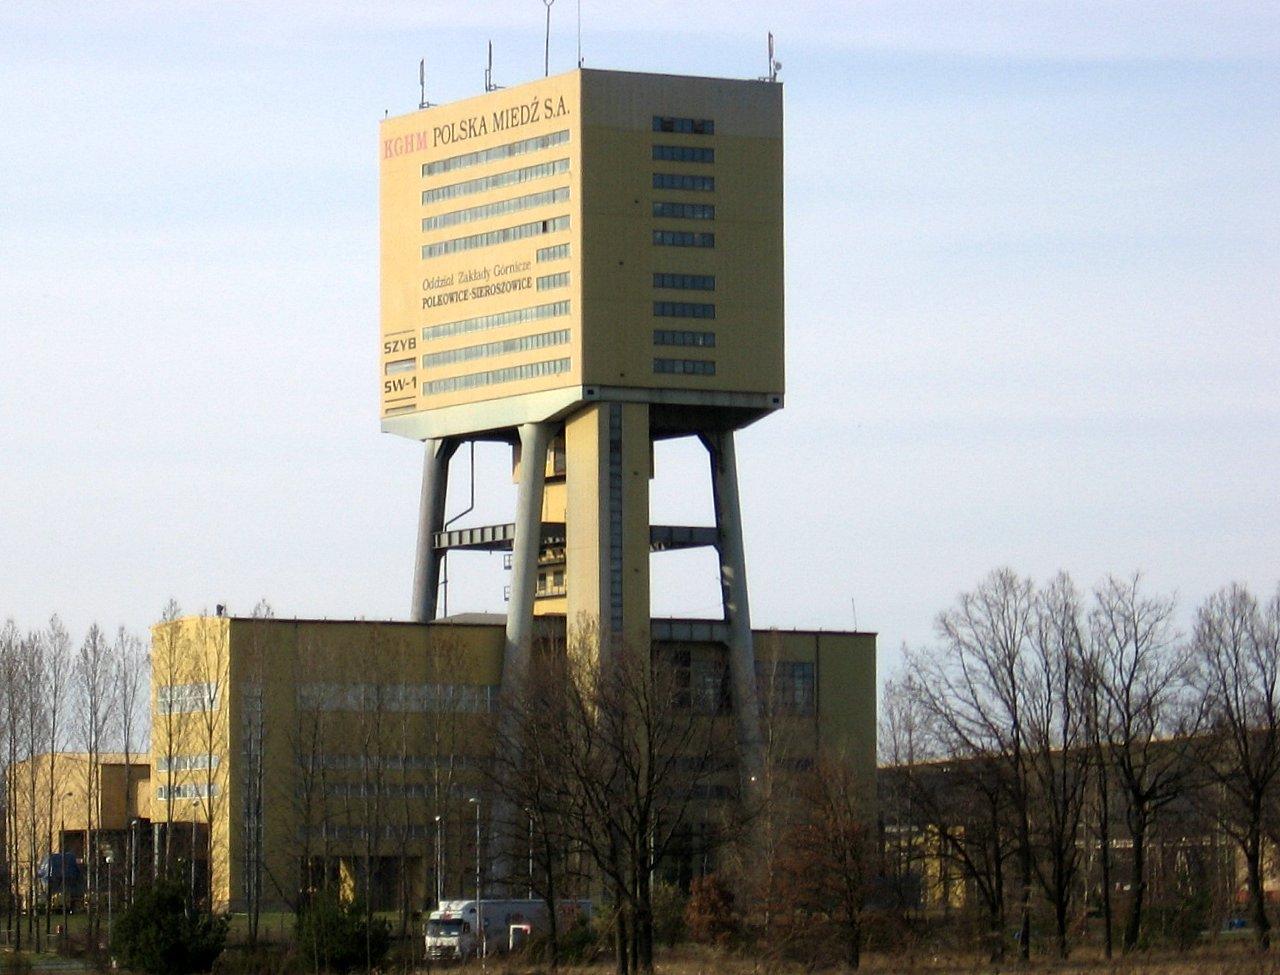 KGHM jest jedną z najważniejszych polskich spółek wydobywczych. Miał w swojej historii epizod, w którym członek rady nadzorczej z ramienia pracodawców oponował wobec decyzji ekspansji w Kanadzie. (fot. wikimedia.org/domena publiczna)